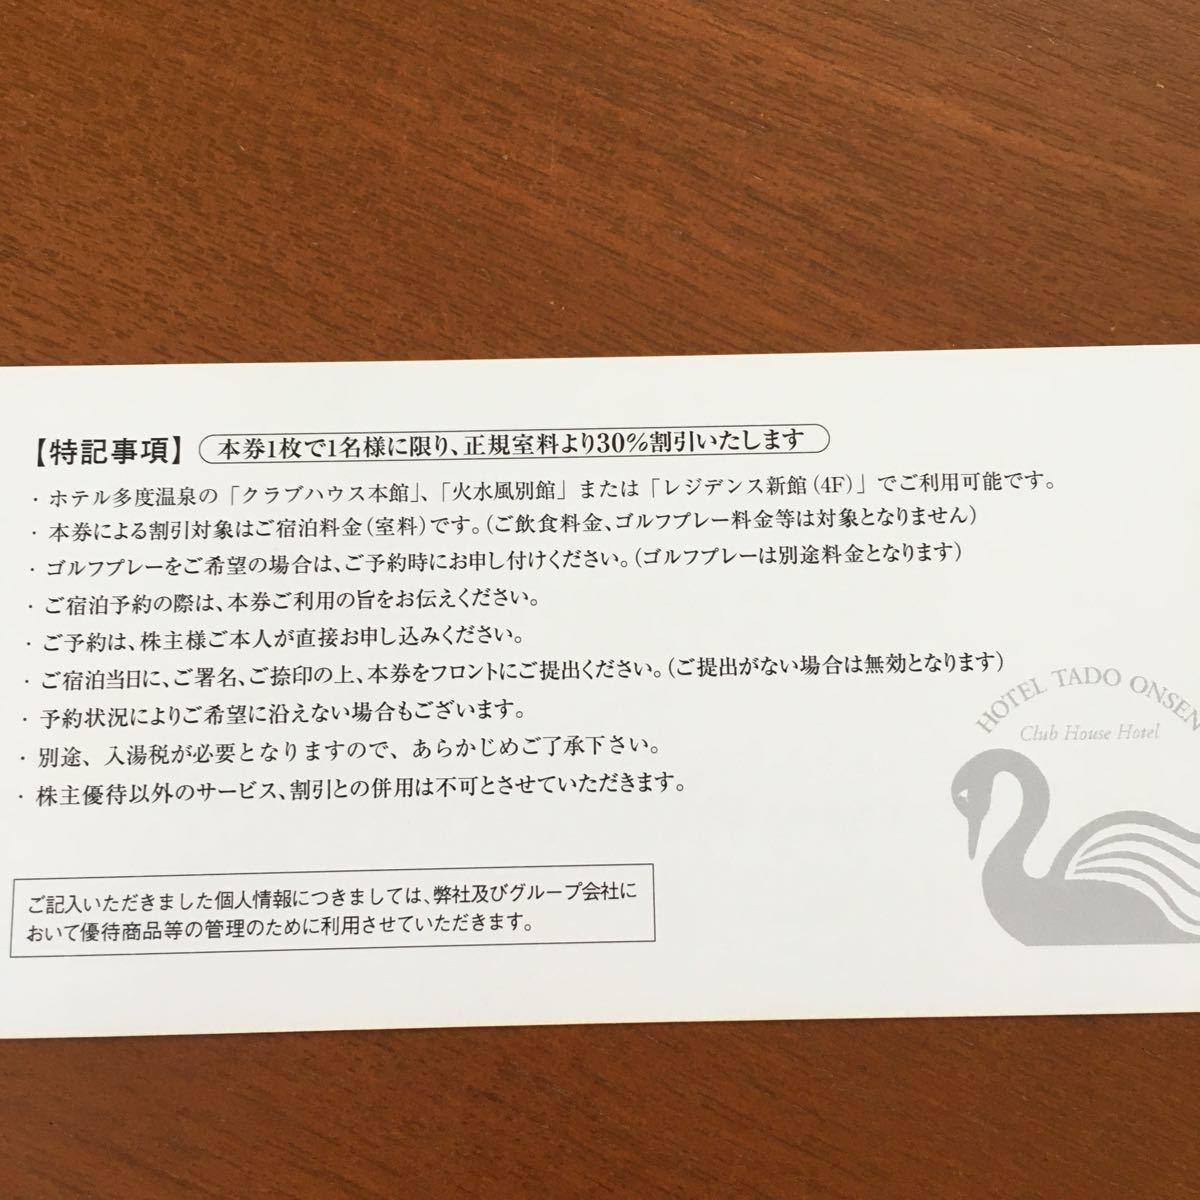 東建コーポレーション株主優待券 1枚 ホテル多度温泉ご宿泊30%割引券 有効期限:2022年8月31日_画像2